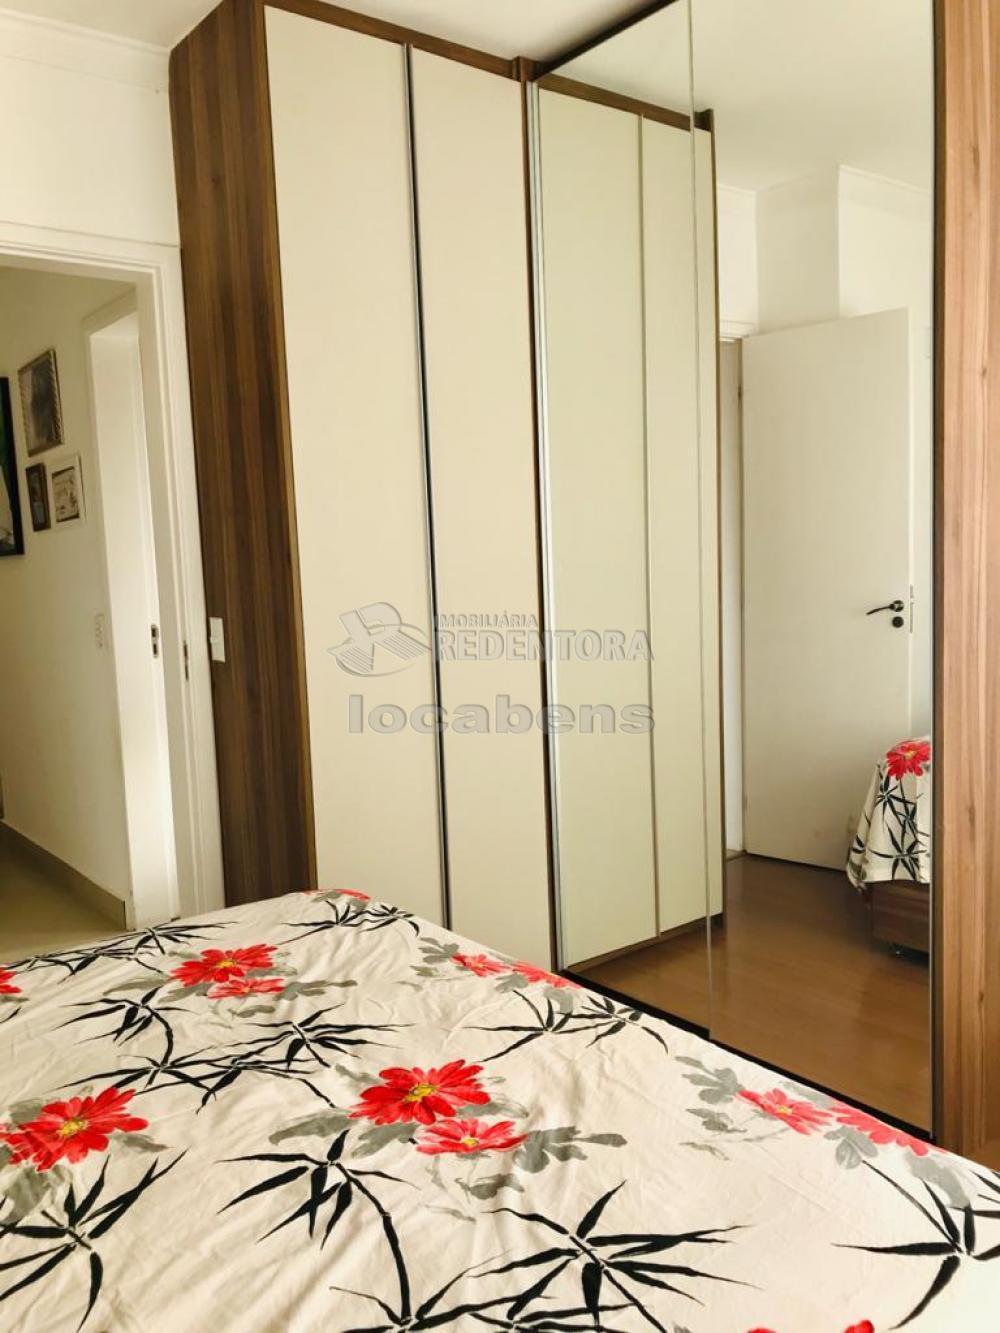 Comprar Apartamento / Padrão em São José do Rio Preto R$ 360.000,00 - Foto 10